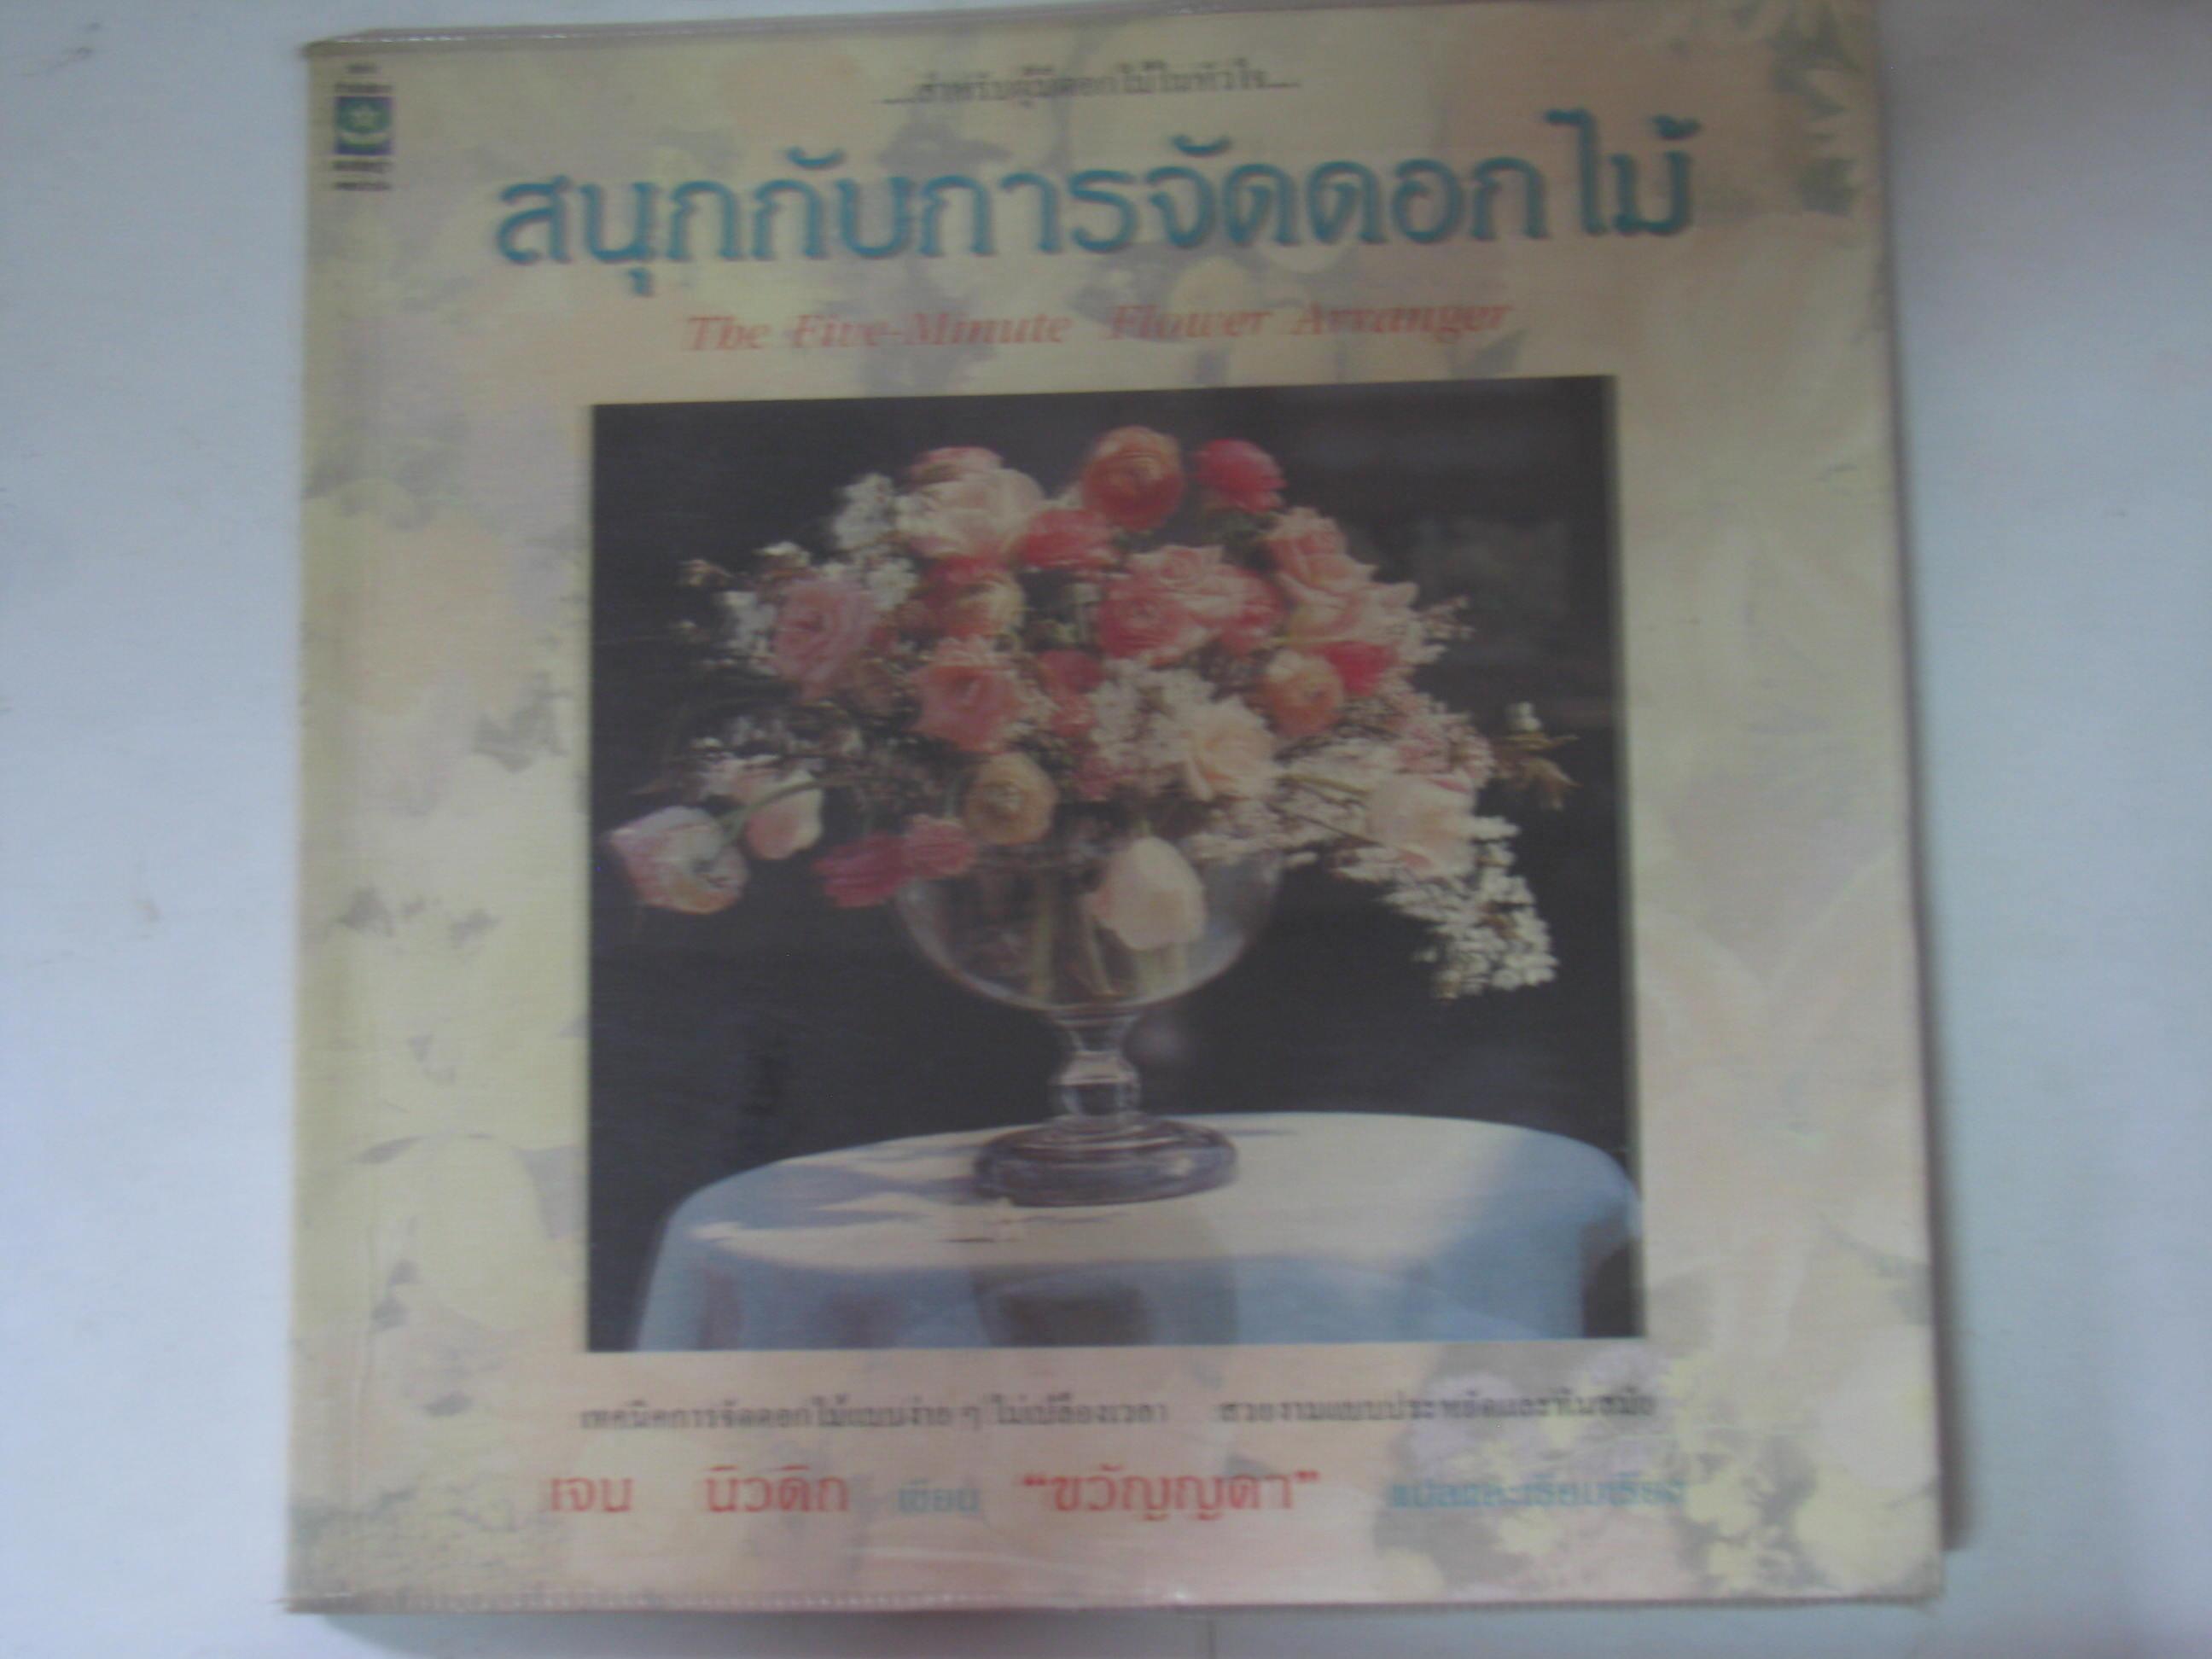 สนุกกับการจัดดอกไม้ (The Five -Minute Flower Arrange) เจน นิวดิก เขียน ขวัญญดา แปล